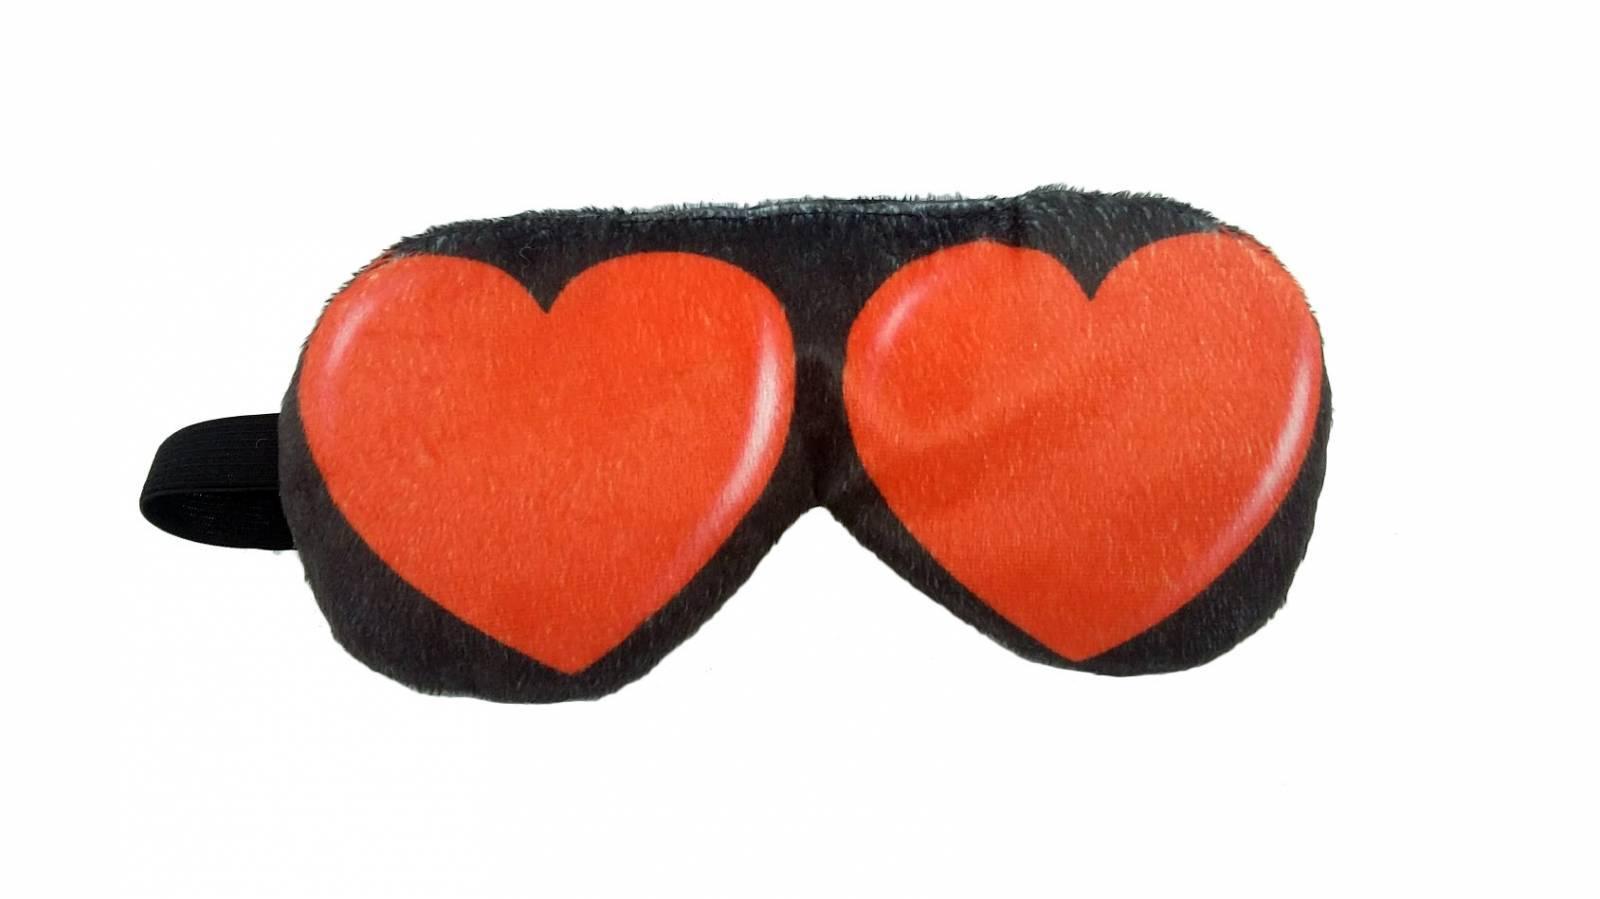 Mascaras de Dormir Personalizadas- com regulagem elastico -todos temas (pedido mínimo - 20 peças). - kmix estamparia